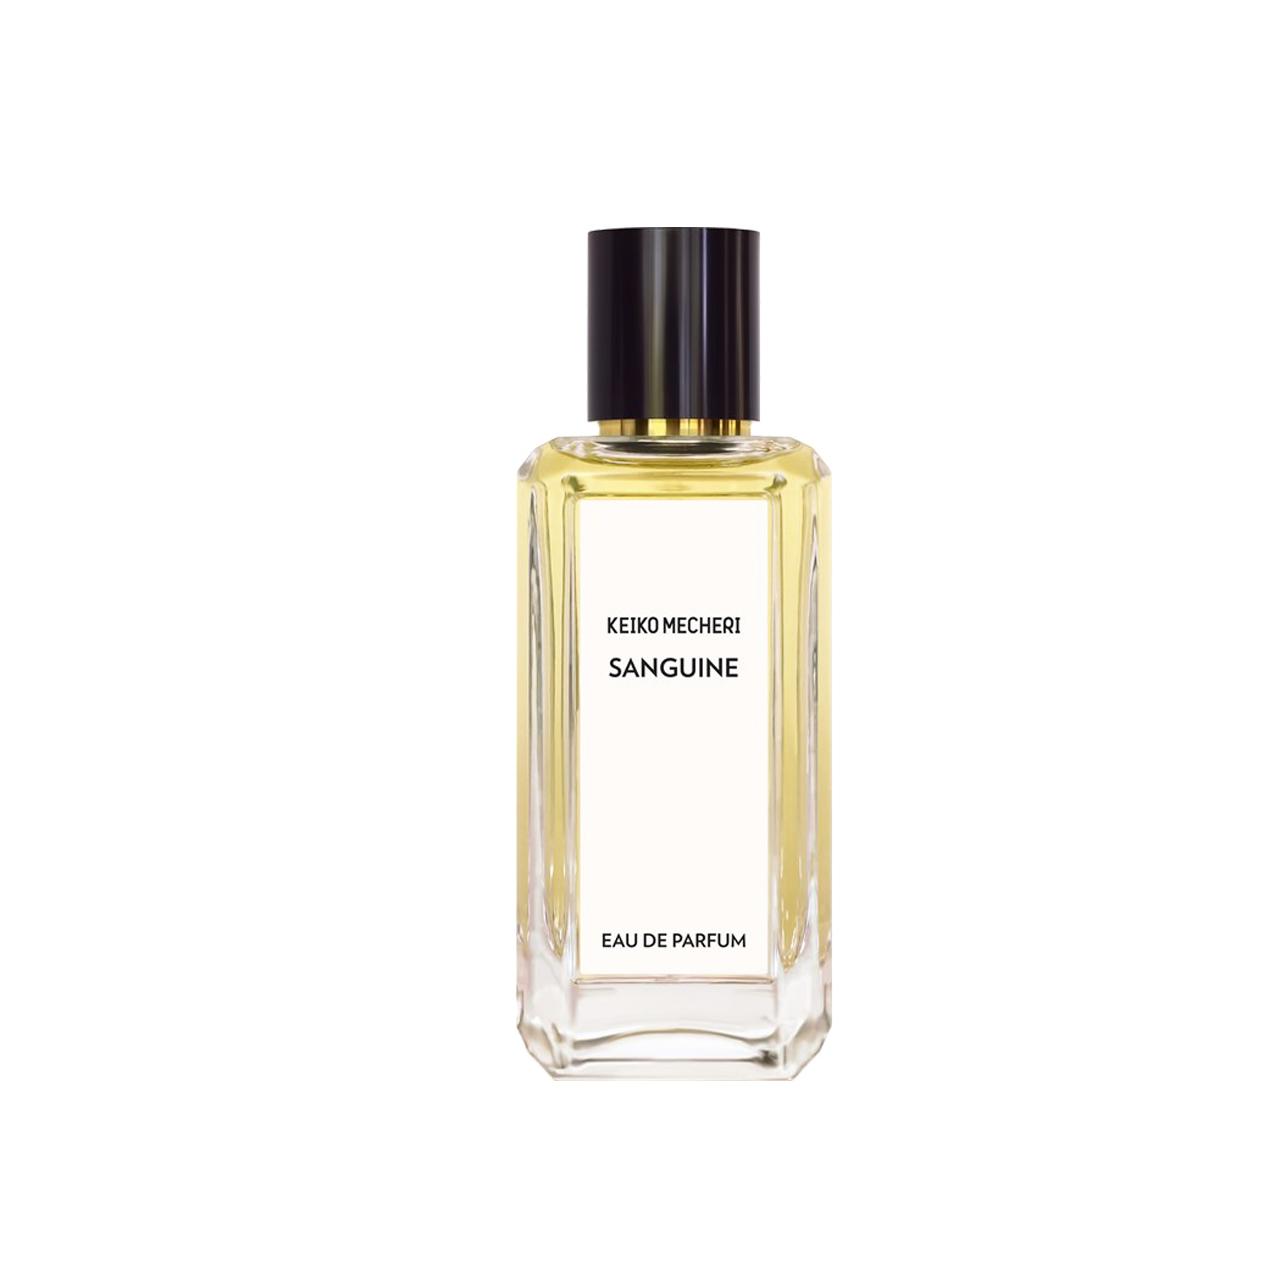 Sanguine - Eau de Parfum